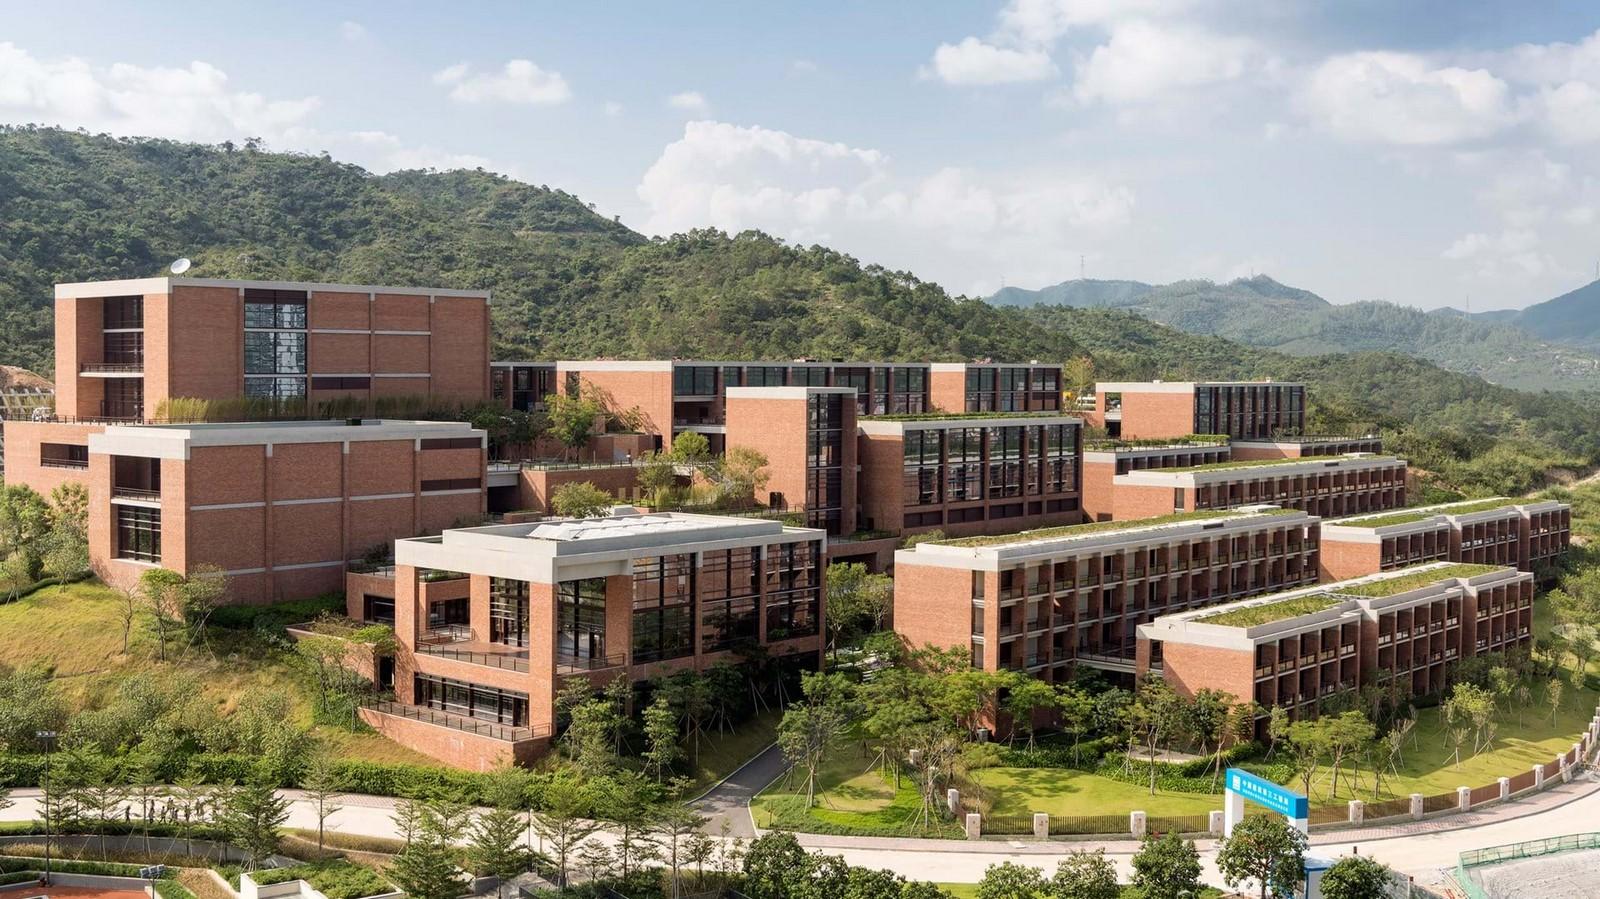 Xiao Jing Wan University - Shenzhen, China - Sheet1